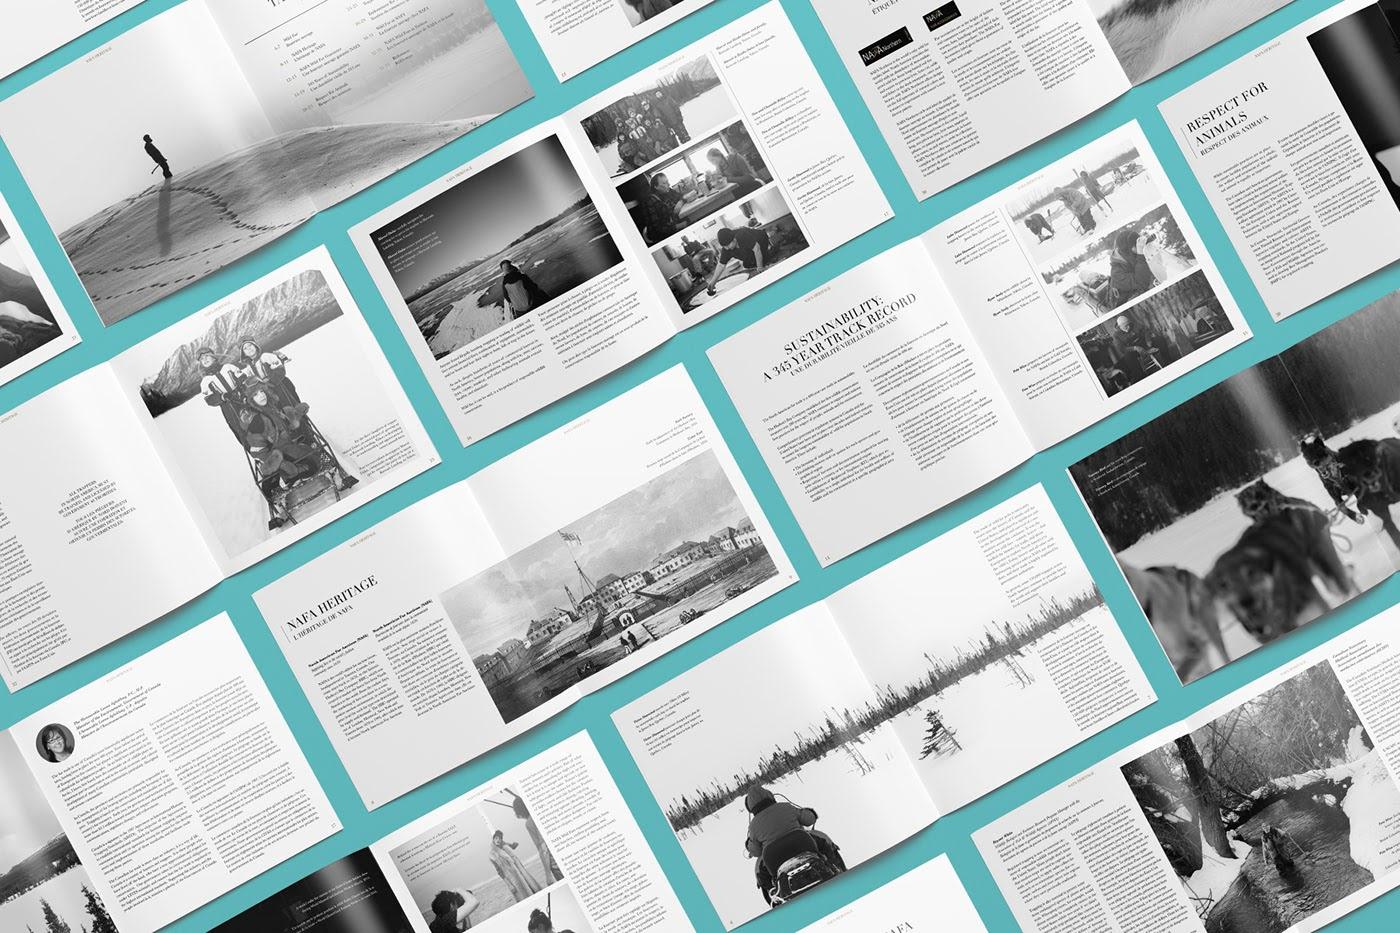 Book Design by Dane Labelle